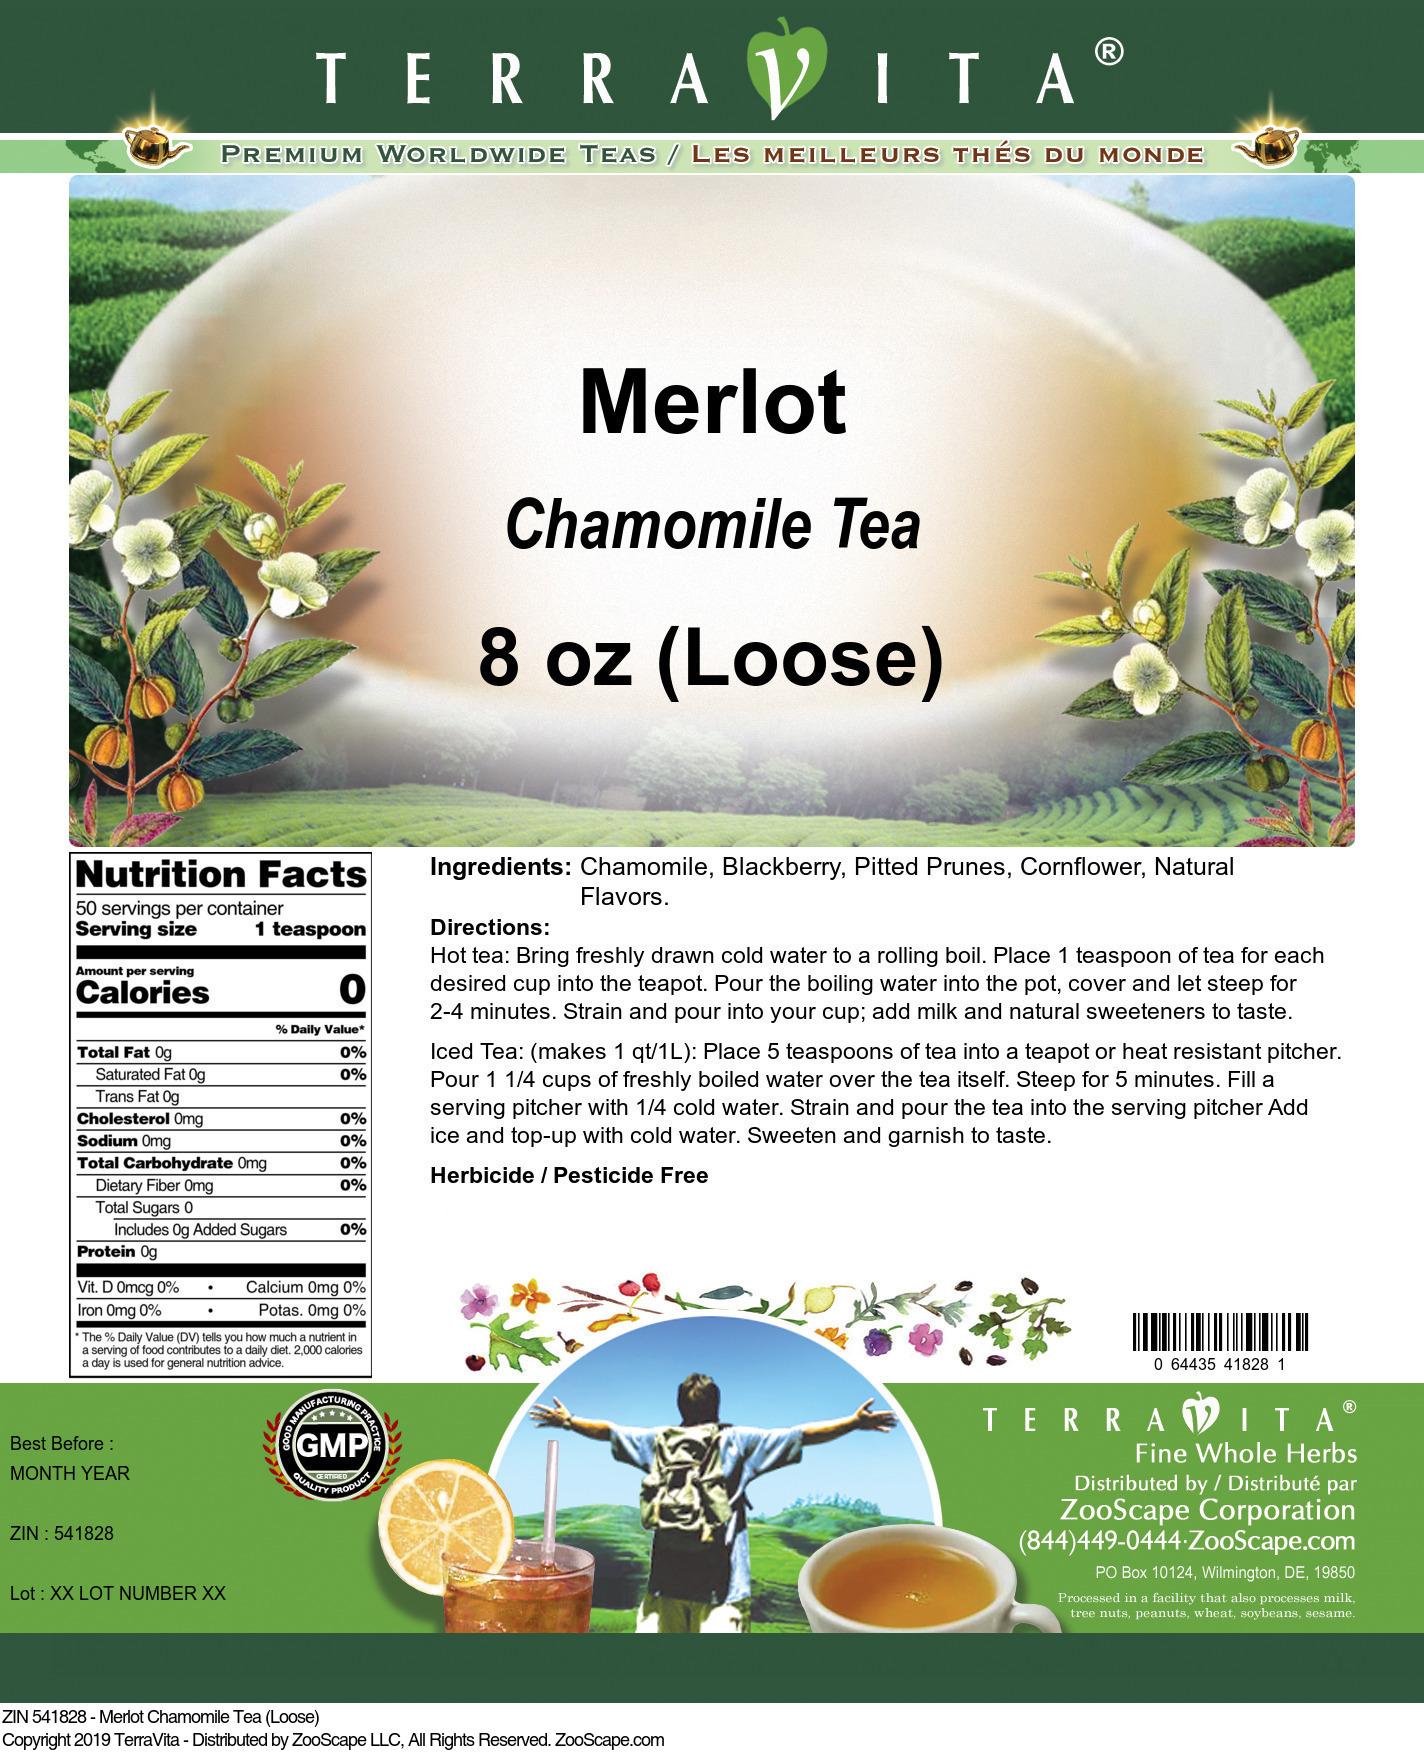 Merlot Chamomile Tea